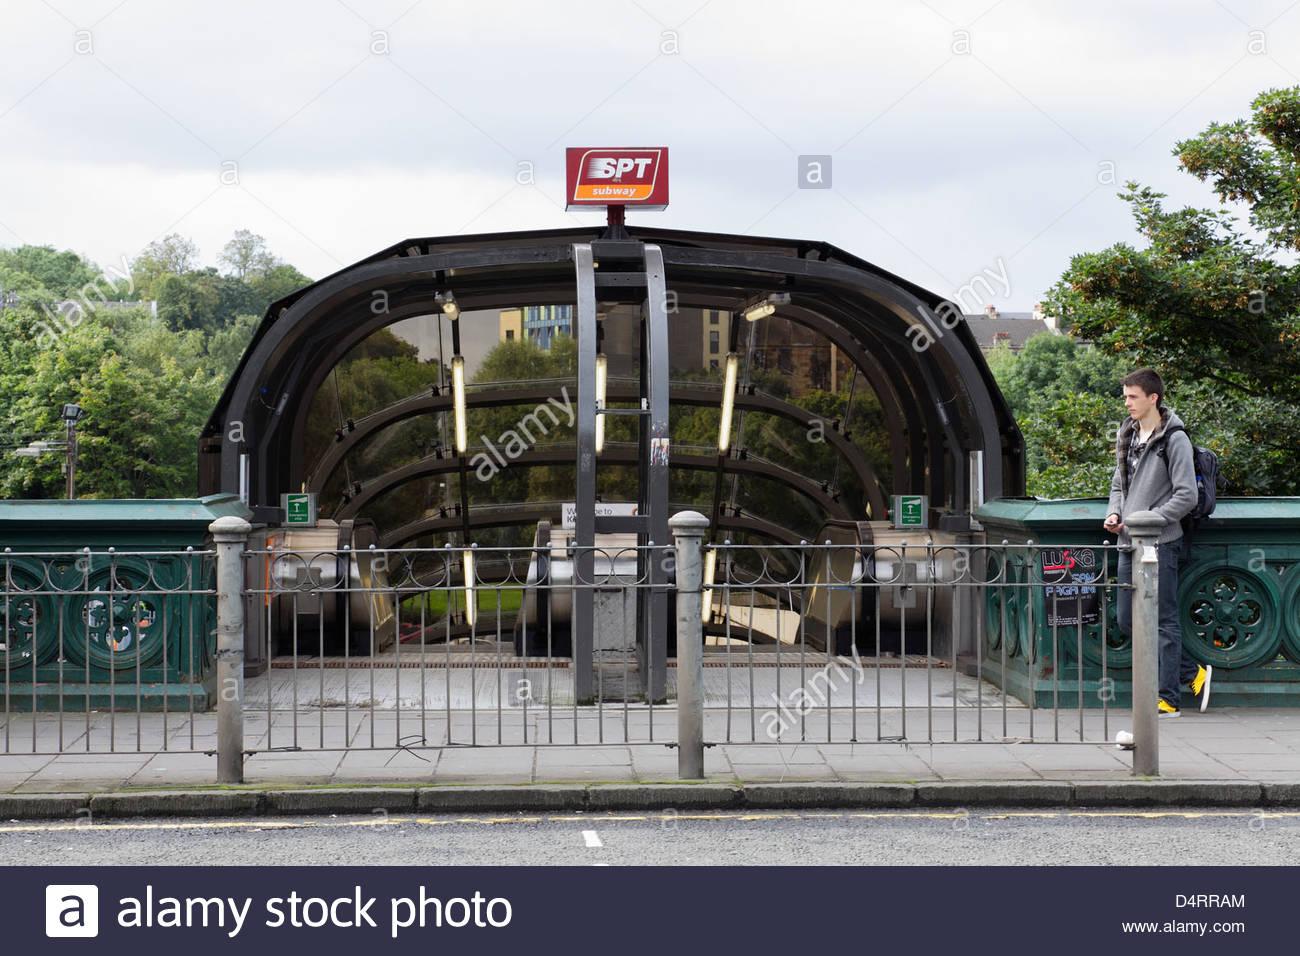 Entrance to Kelvinbridge Subway Station, Glasgow, Scotland, UK - Stock Image